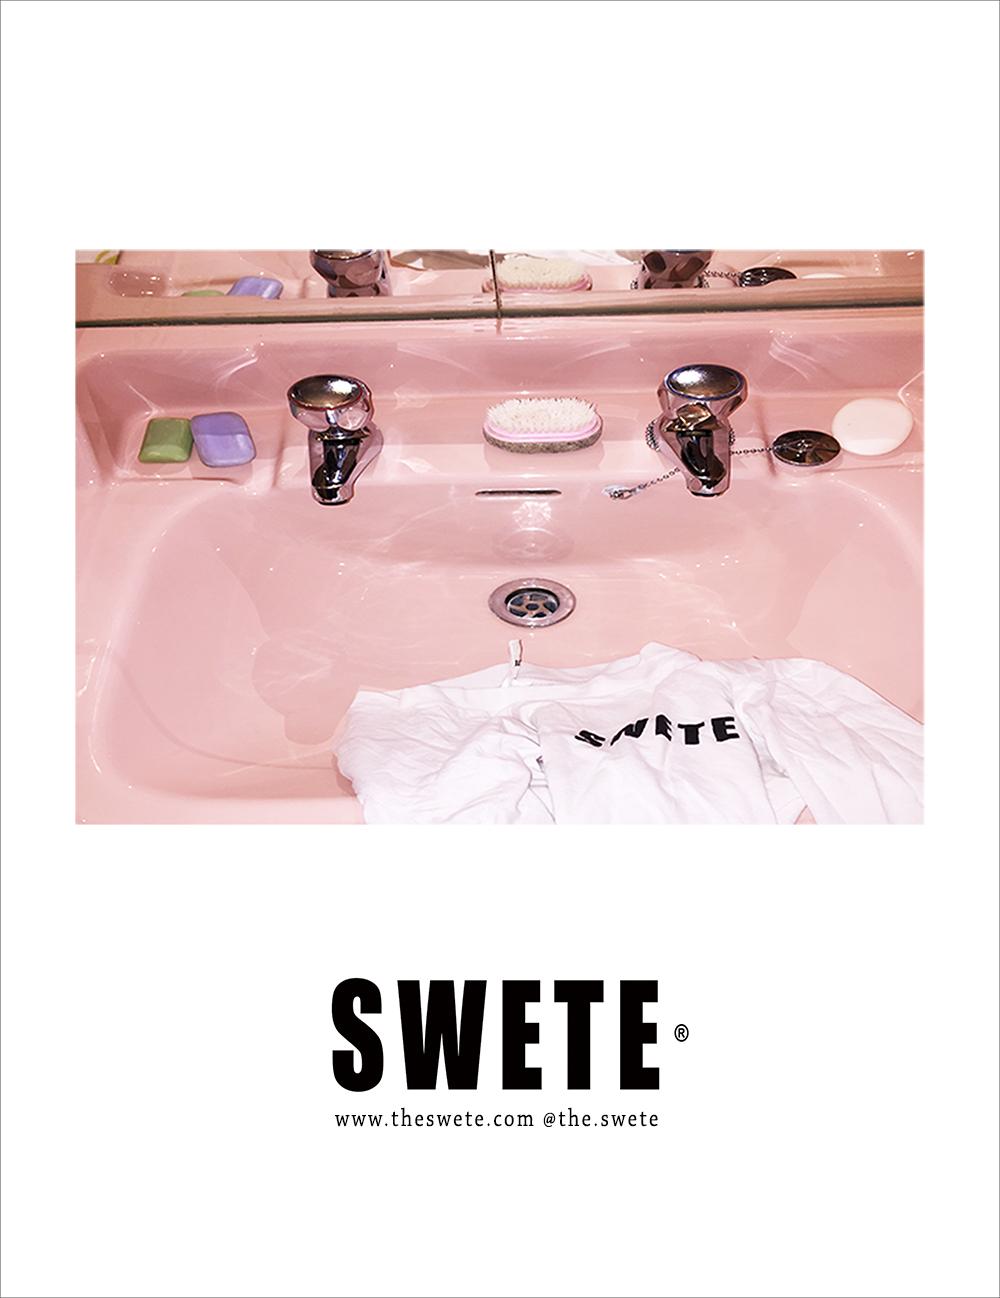 SWETE_ADVERTISING.jpg